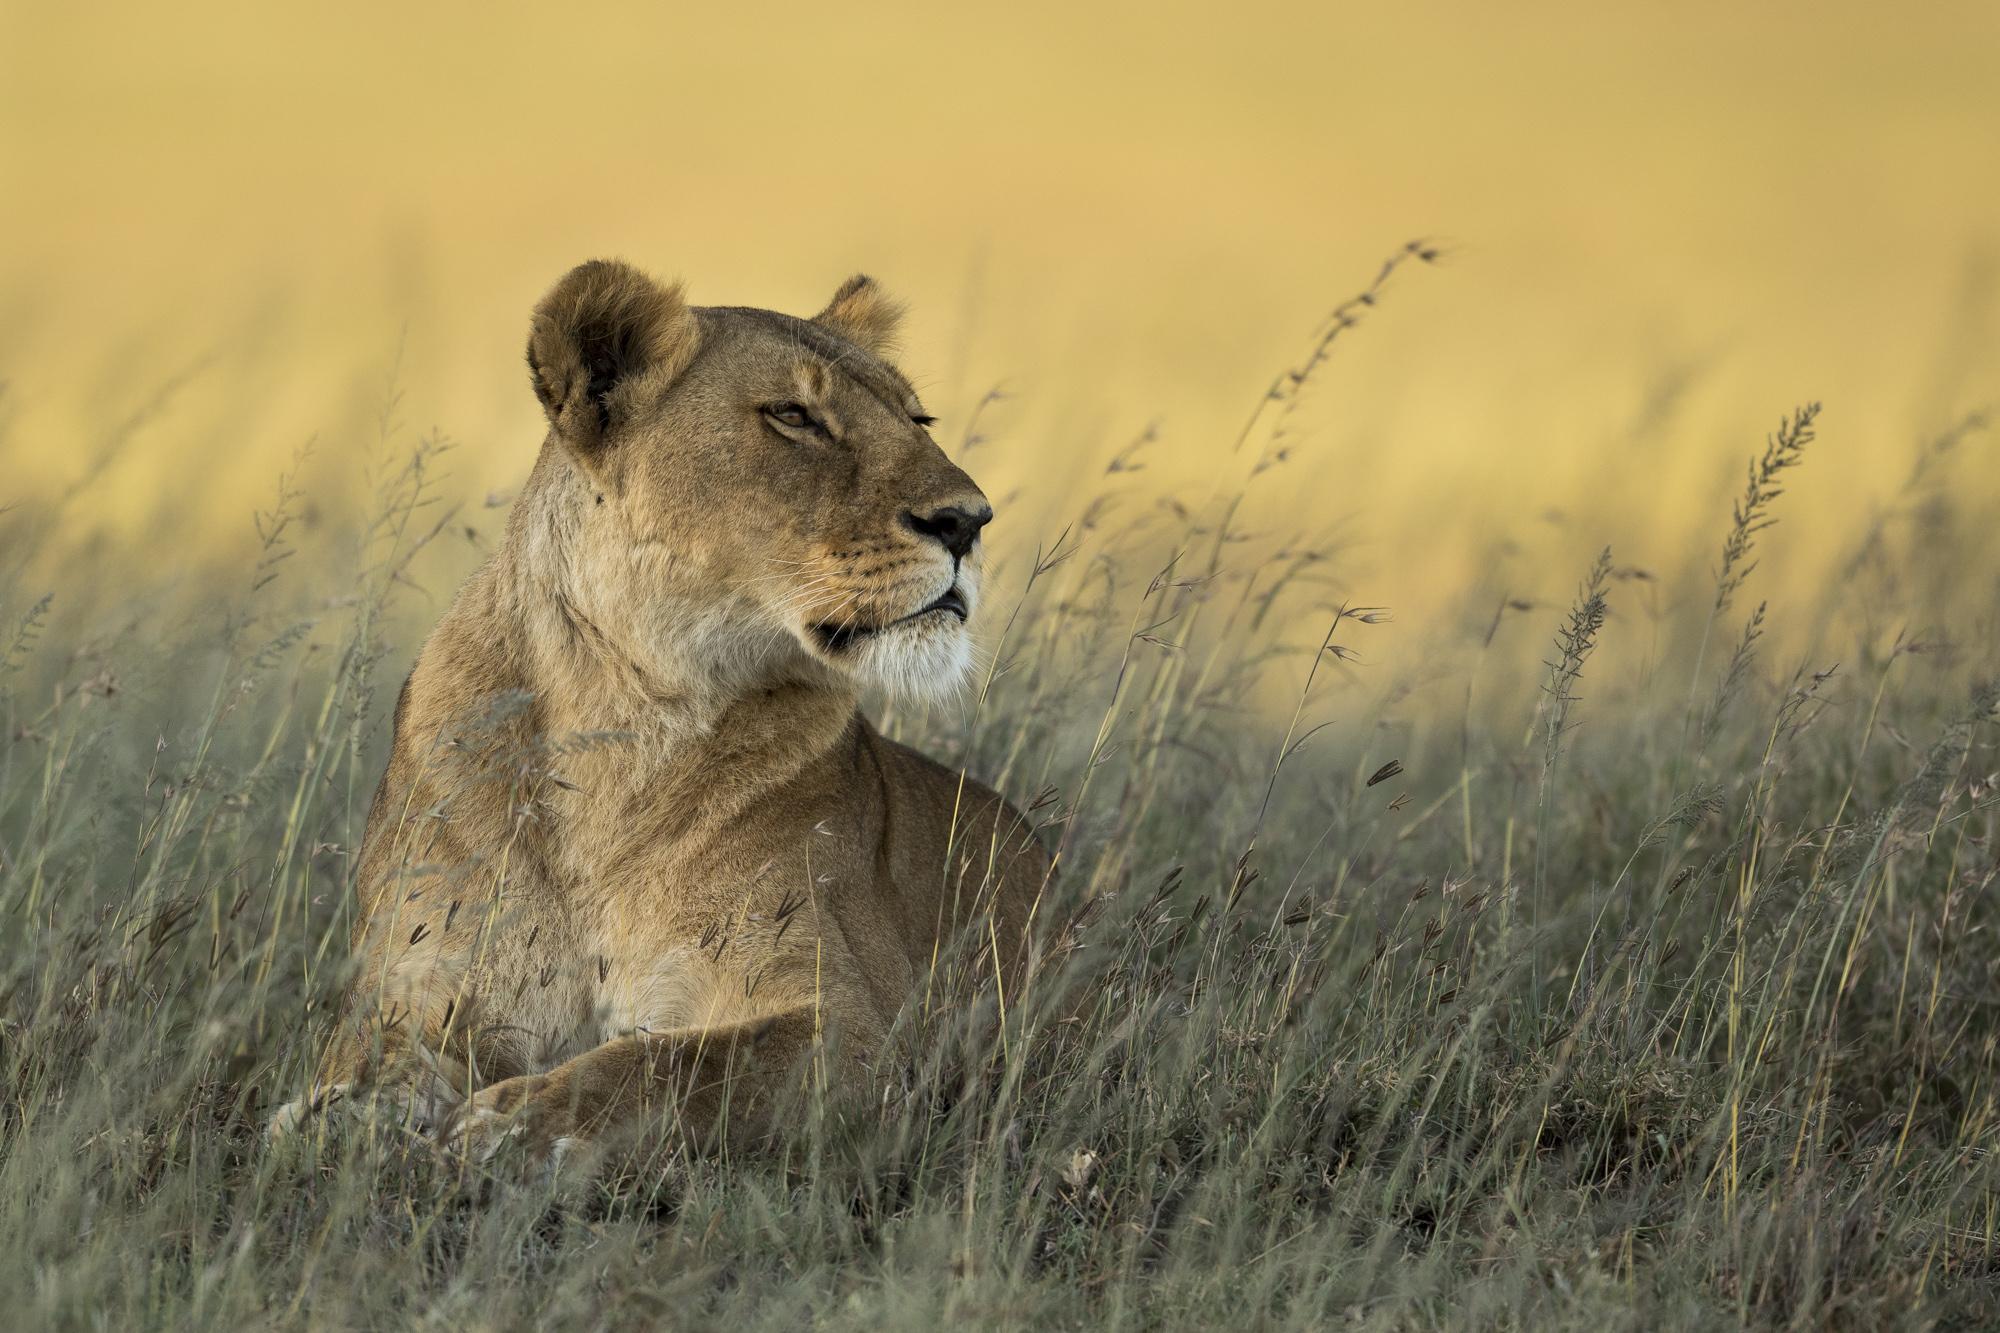 Lioness Tanzania Photo Safari